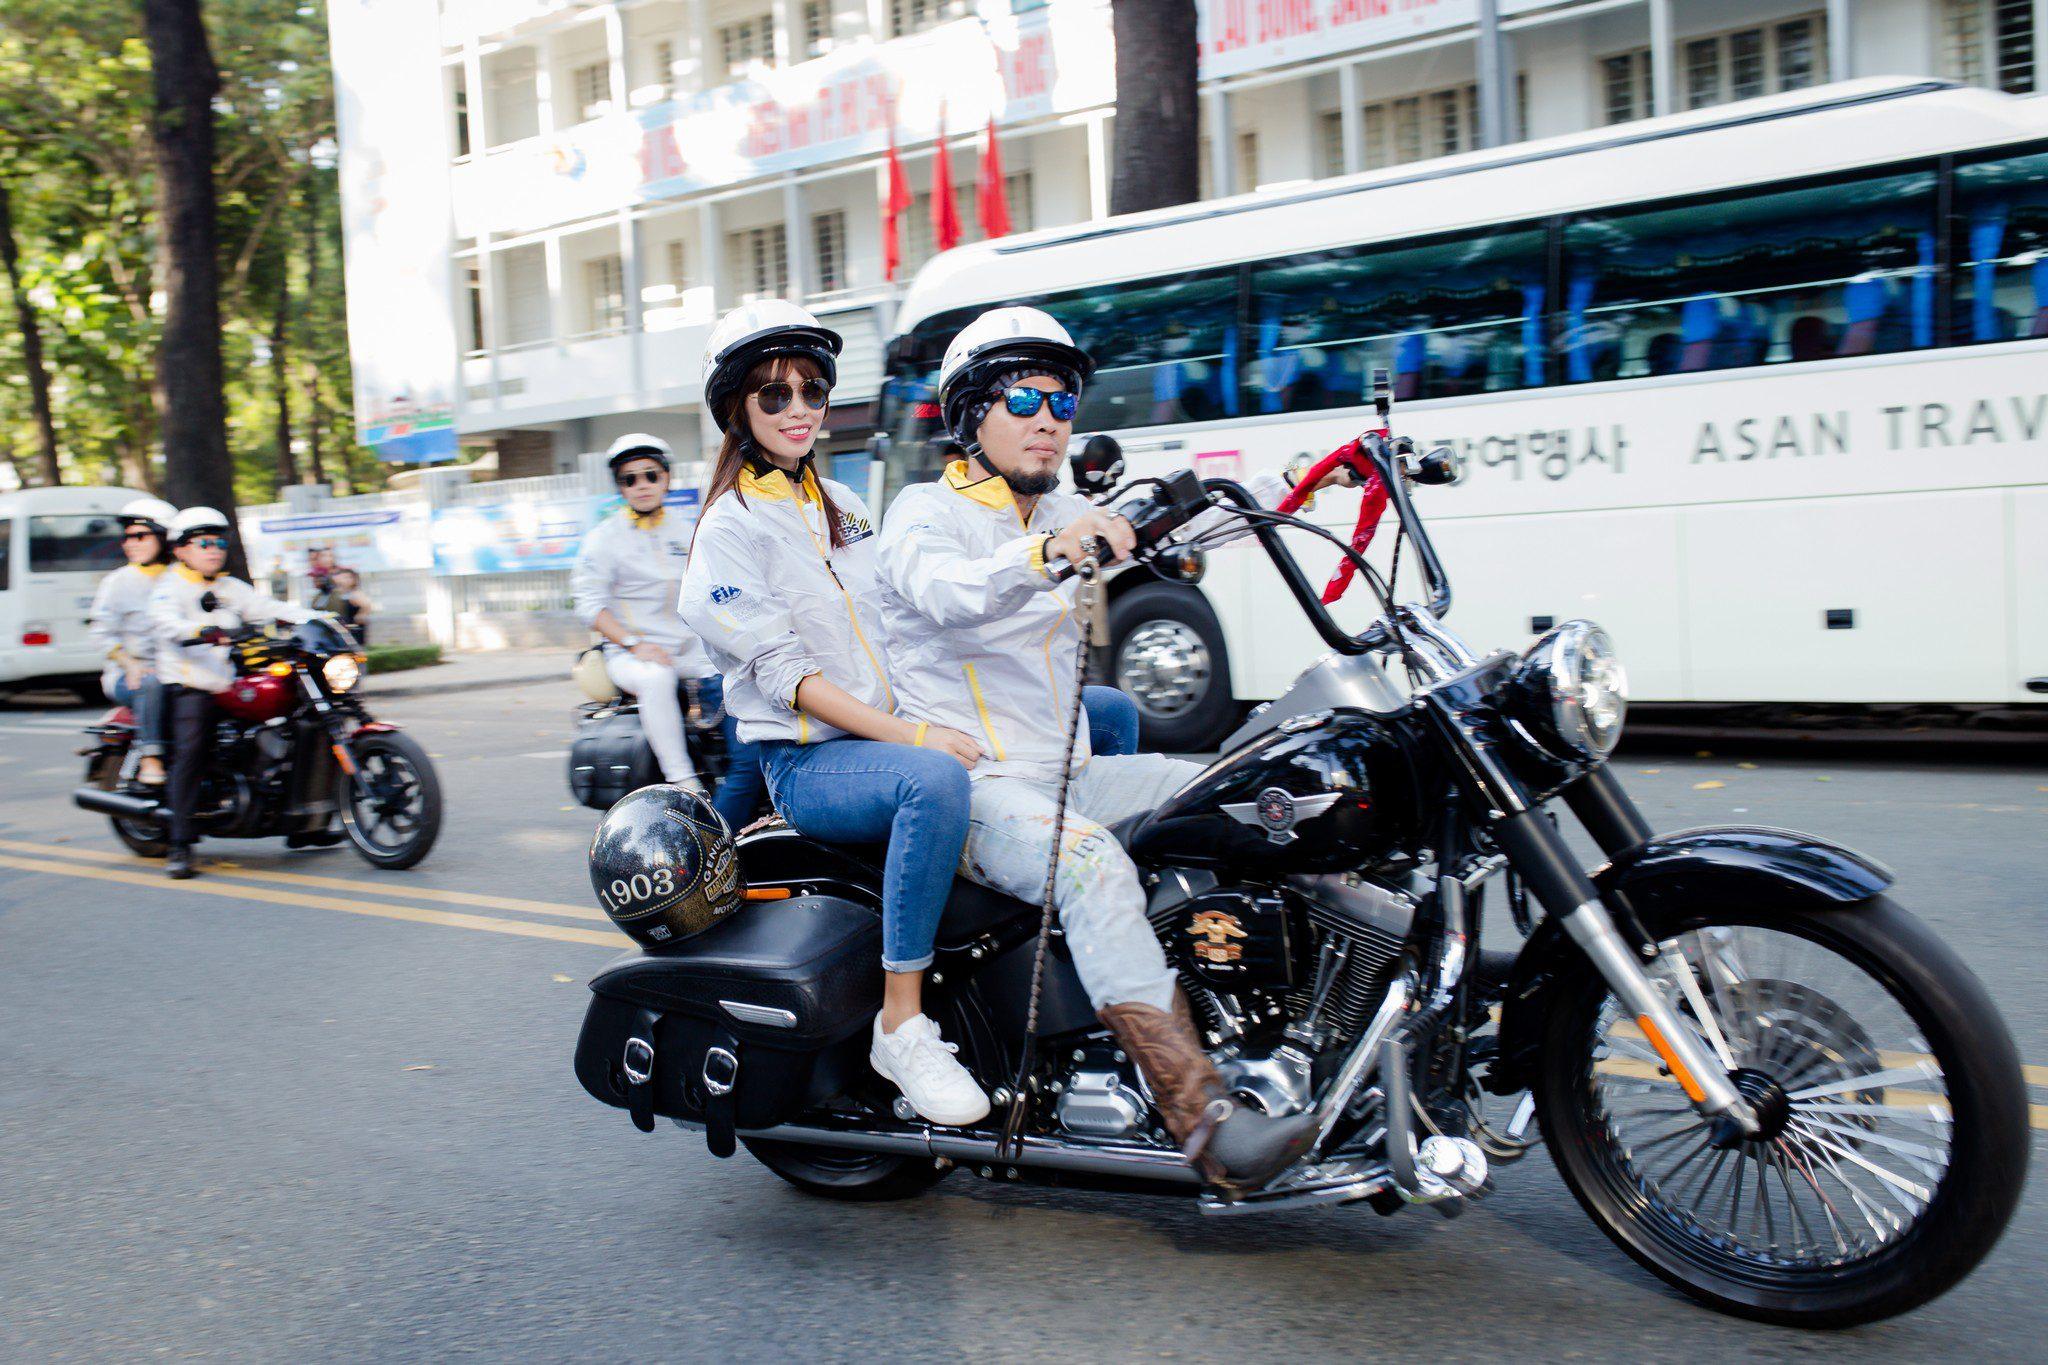 Ao thun Safe steps Road Safety 12 - Bừng sáng sự kiện Safe Steps của Liên Hợp Quốc tại Việt Nam với áo thun sự kiện